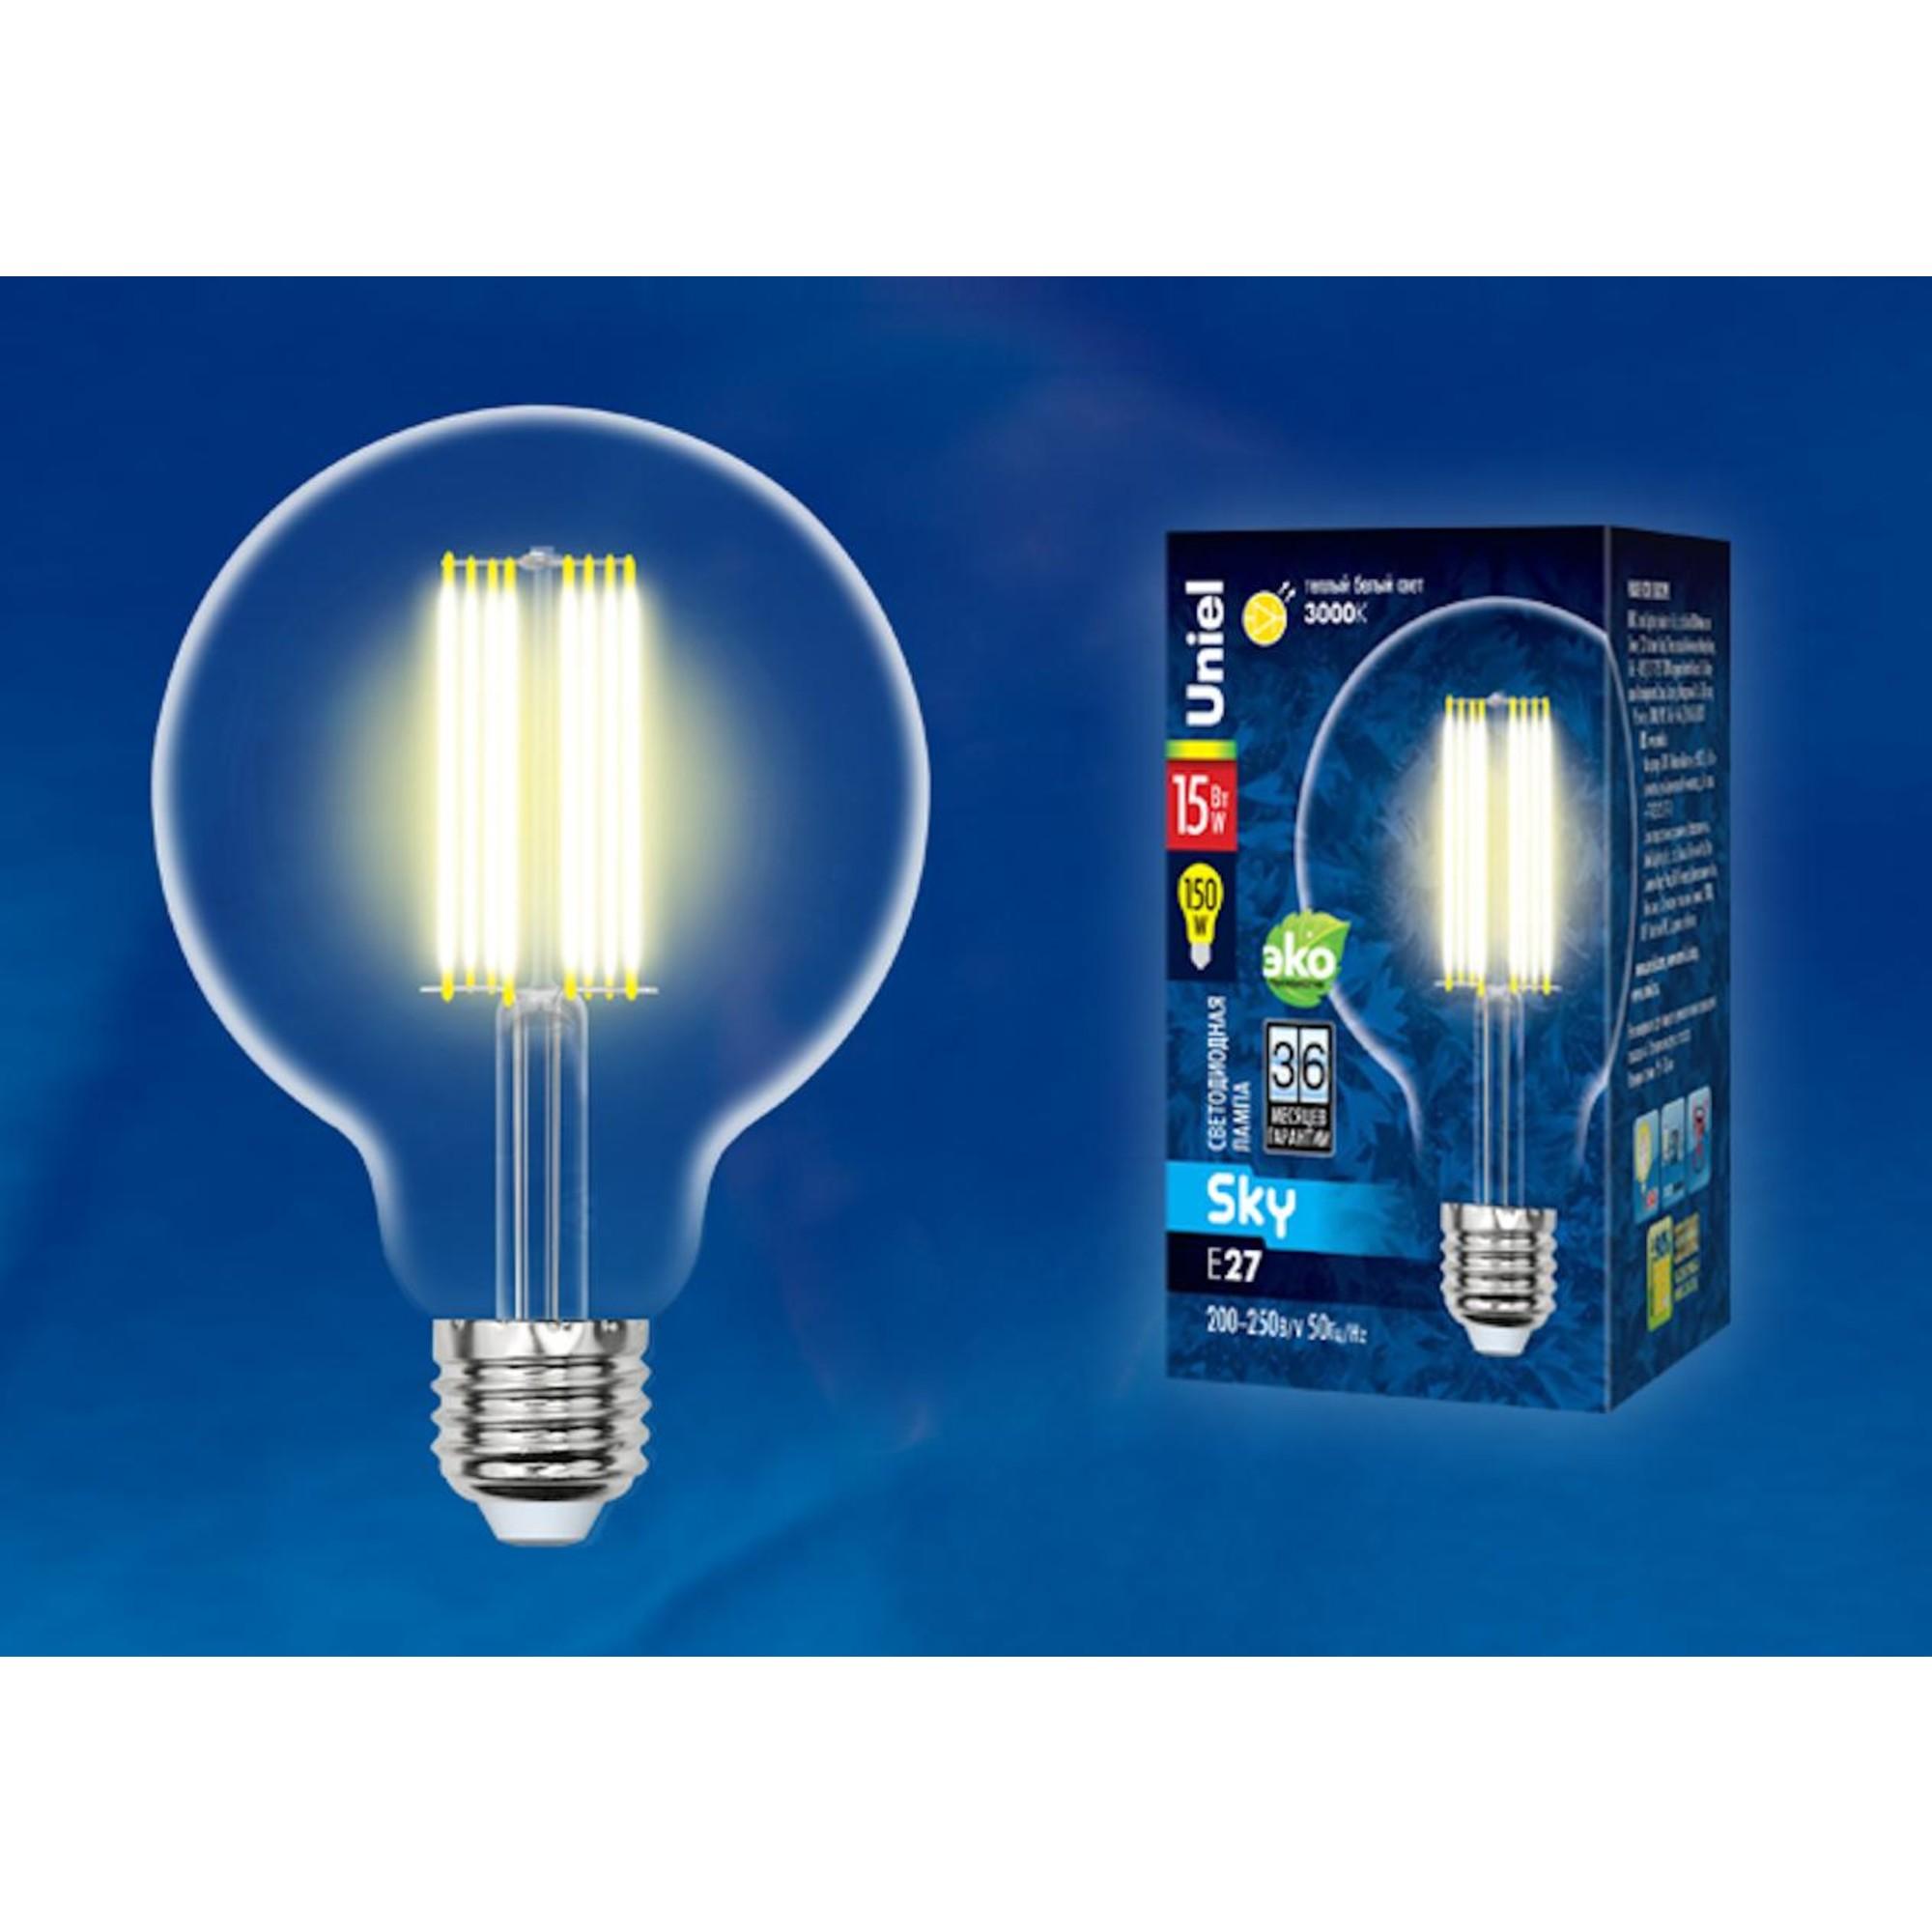 Светодиодная лампочка Uniel UL-00004864 E27 1500 Лм 15 Вт